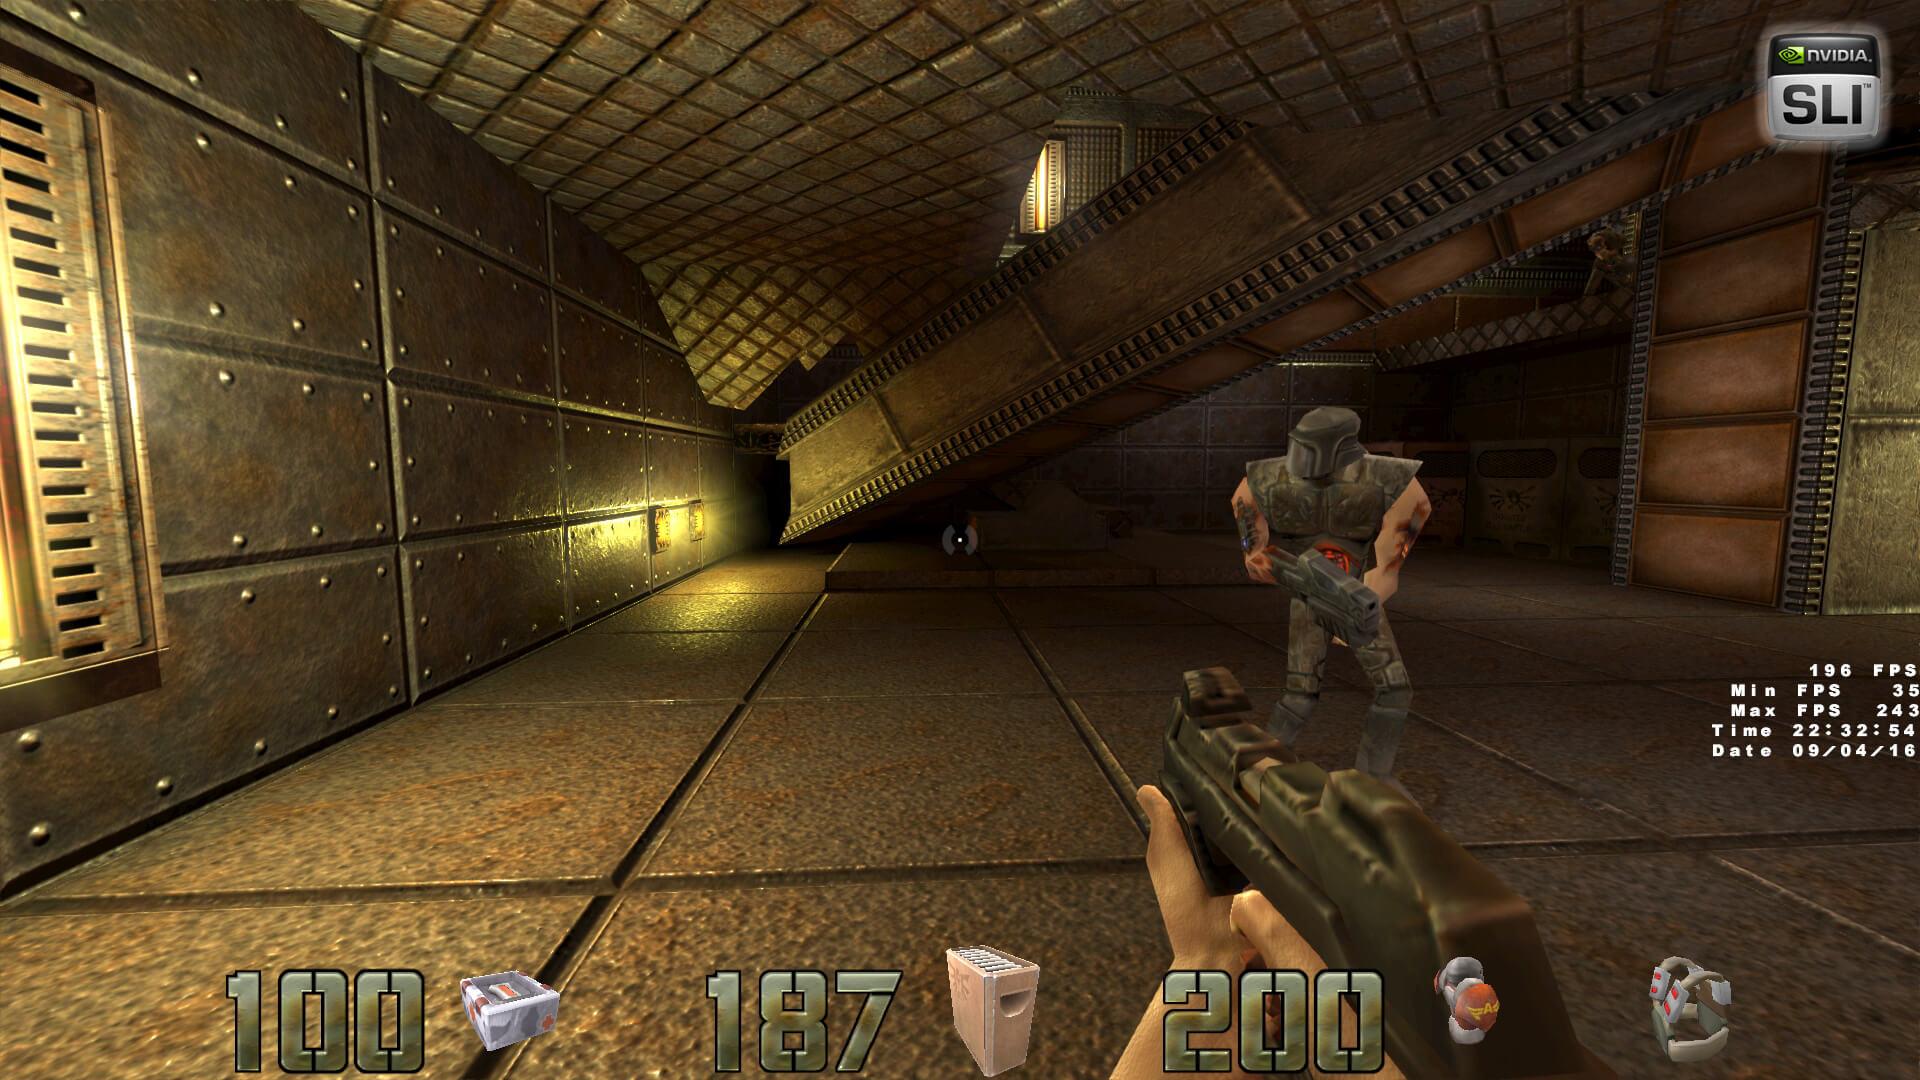 Новый мод добавляет в Quake 2 высокополигональные 3D-модели